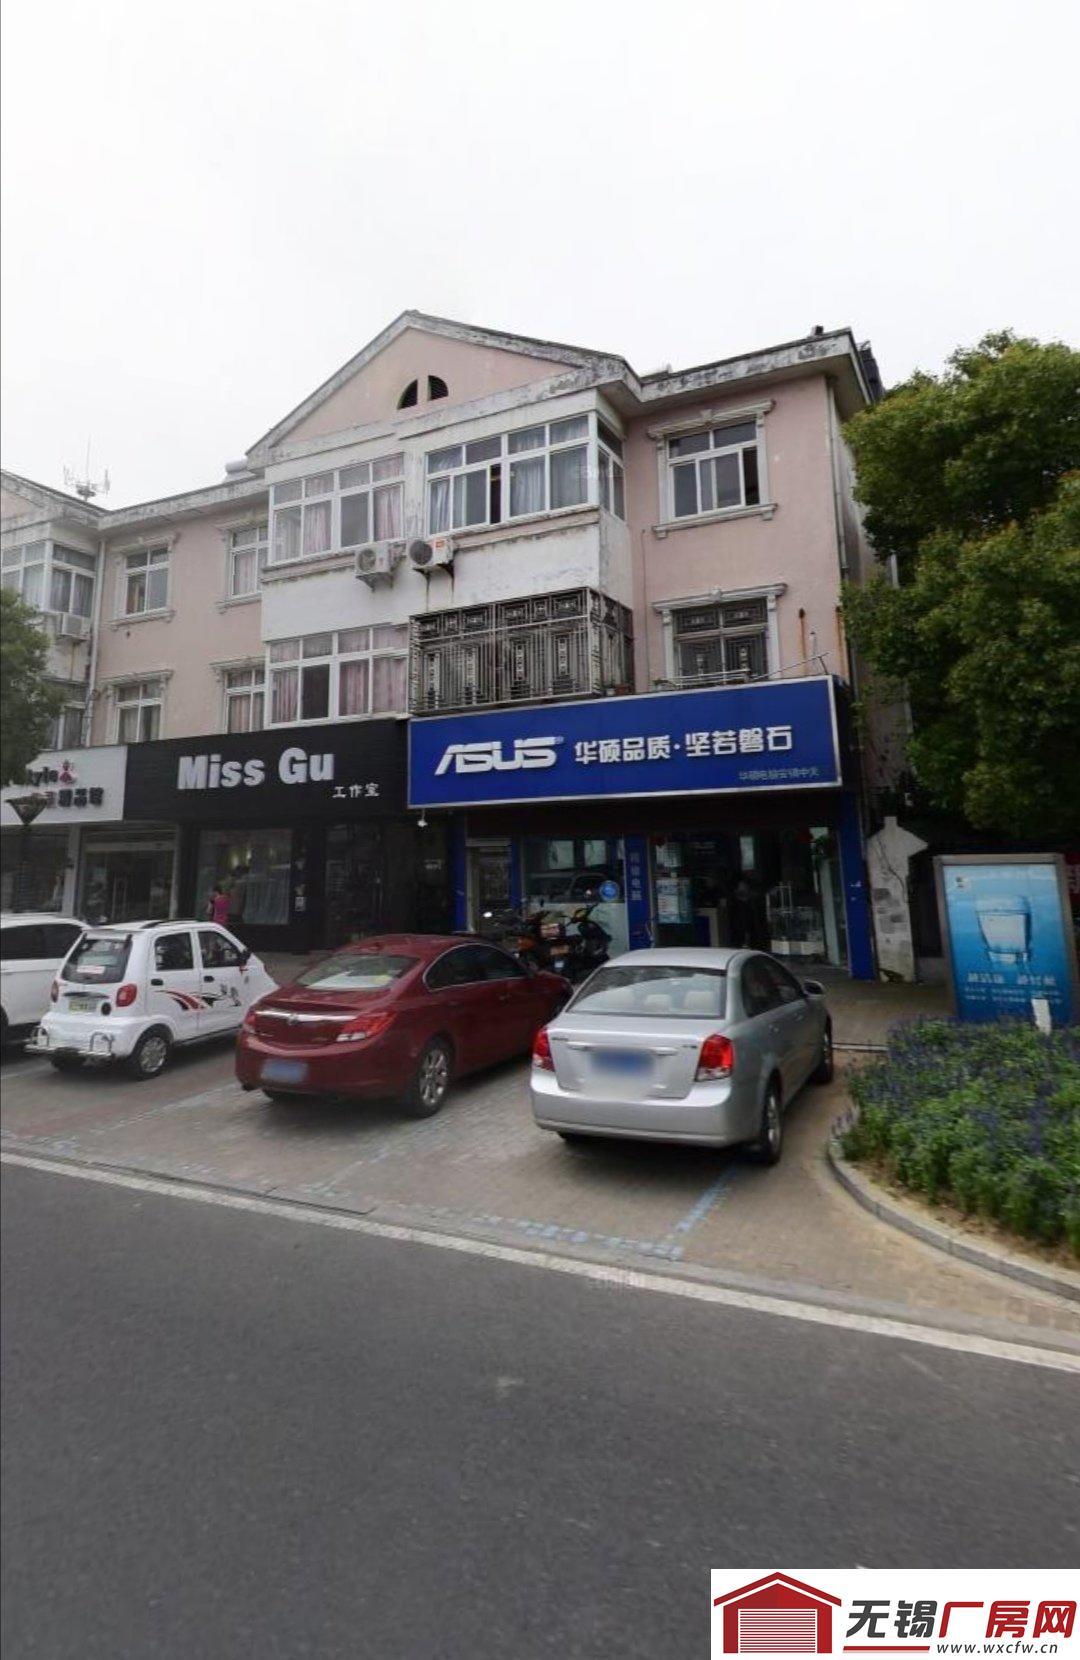 急租沿街商铺二层至三层